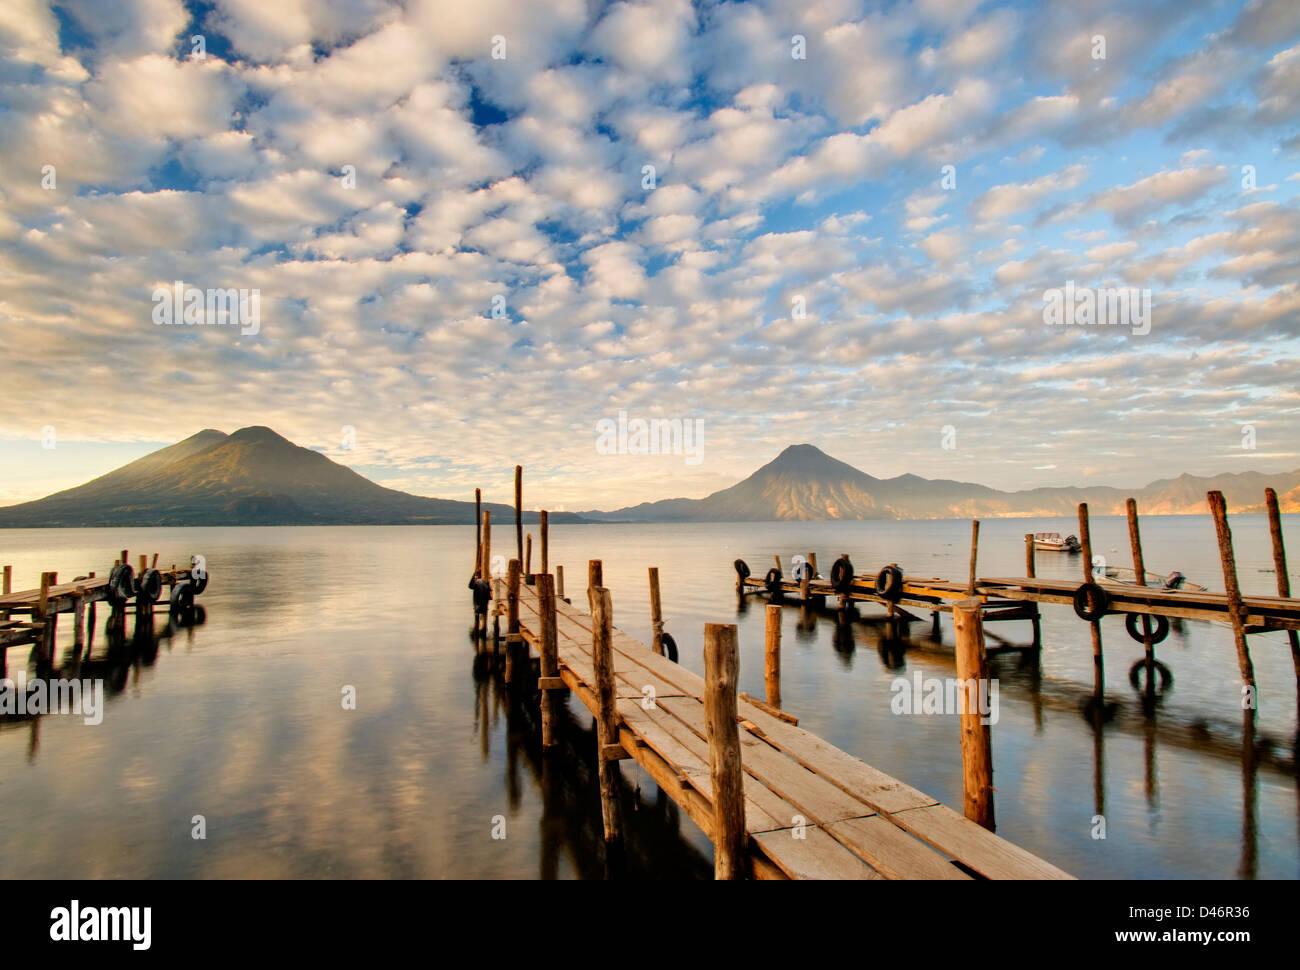 Docks at Lake Atitlan, Guatemala - Stock Image